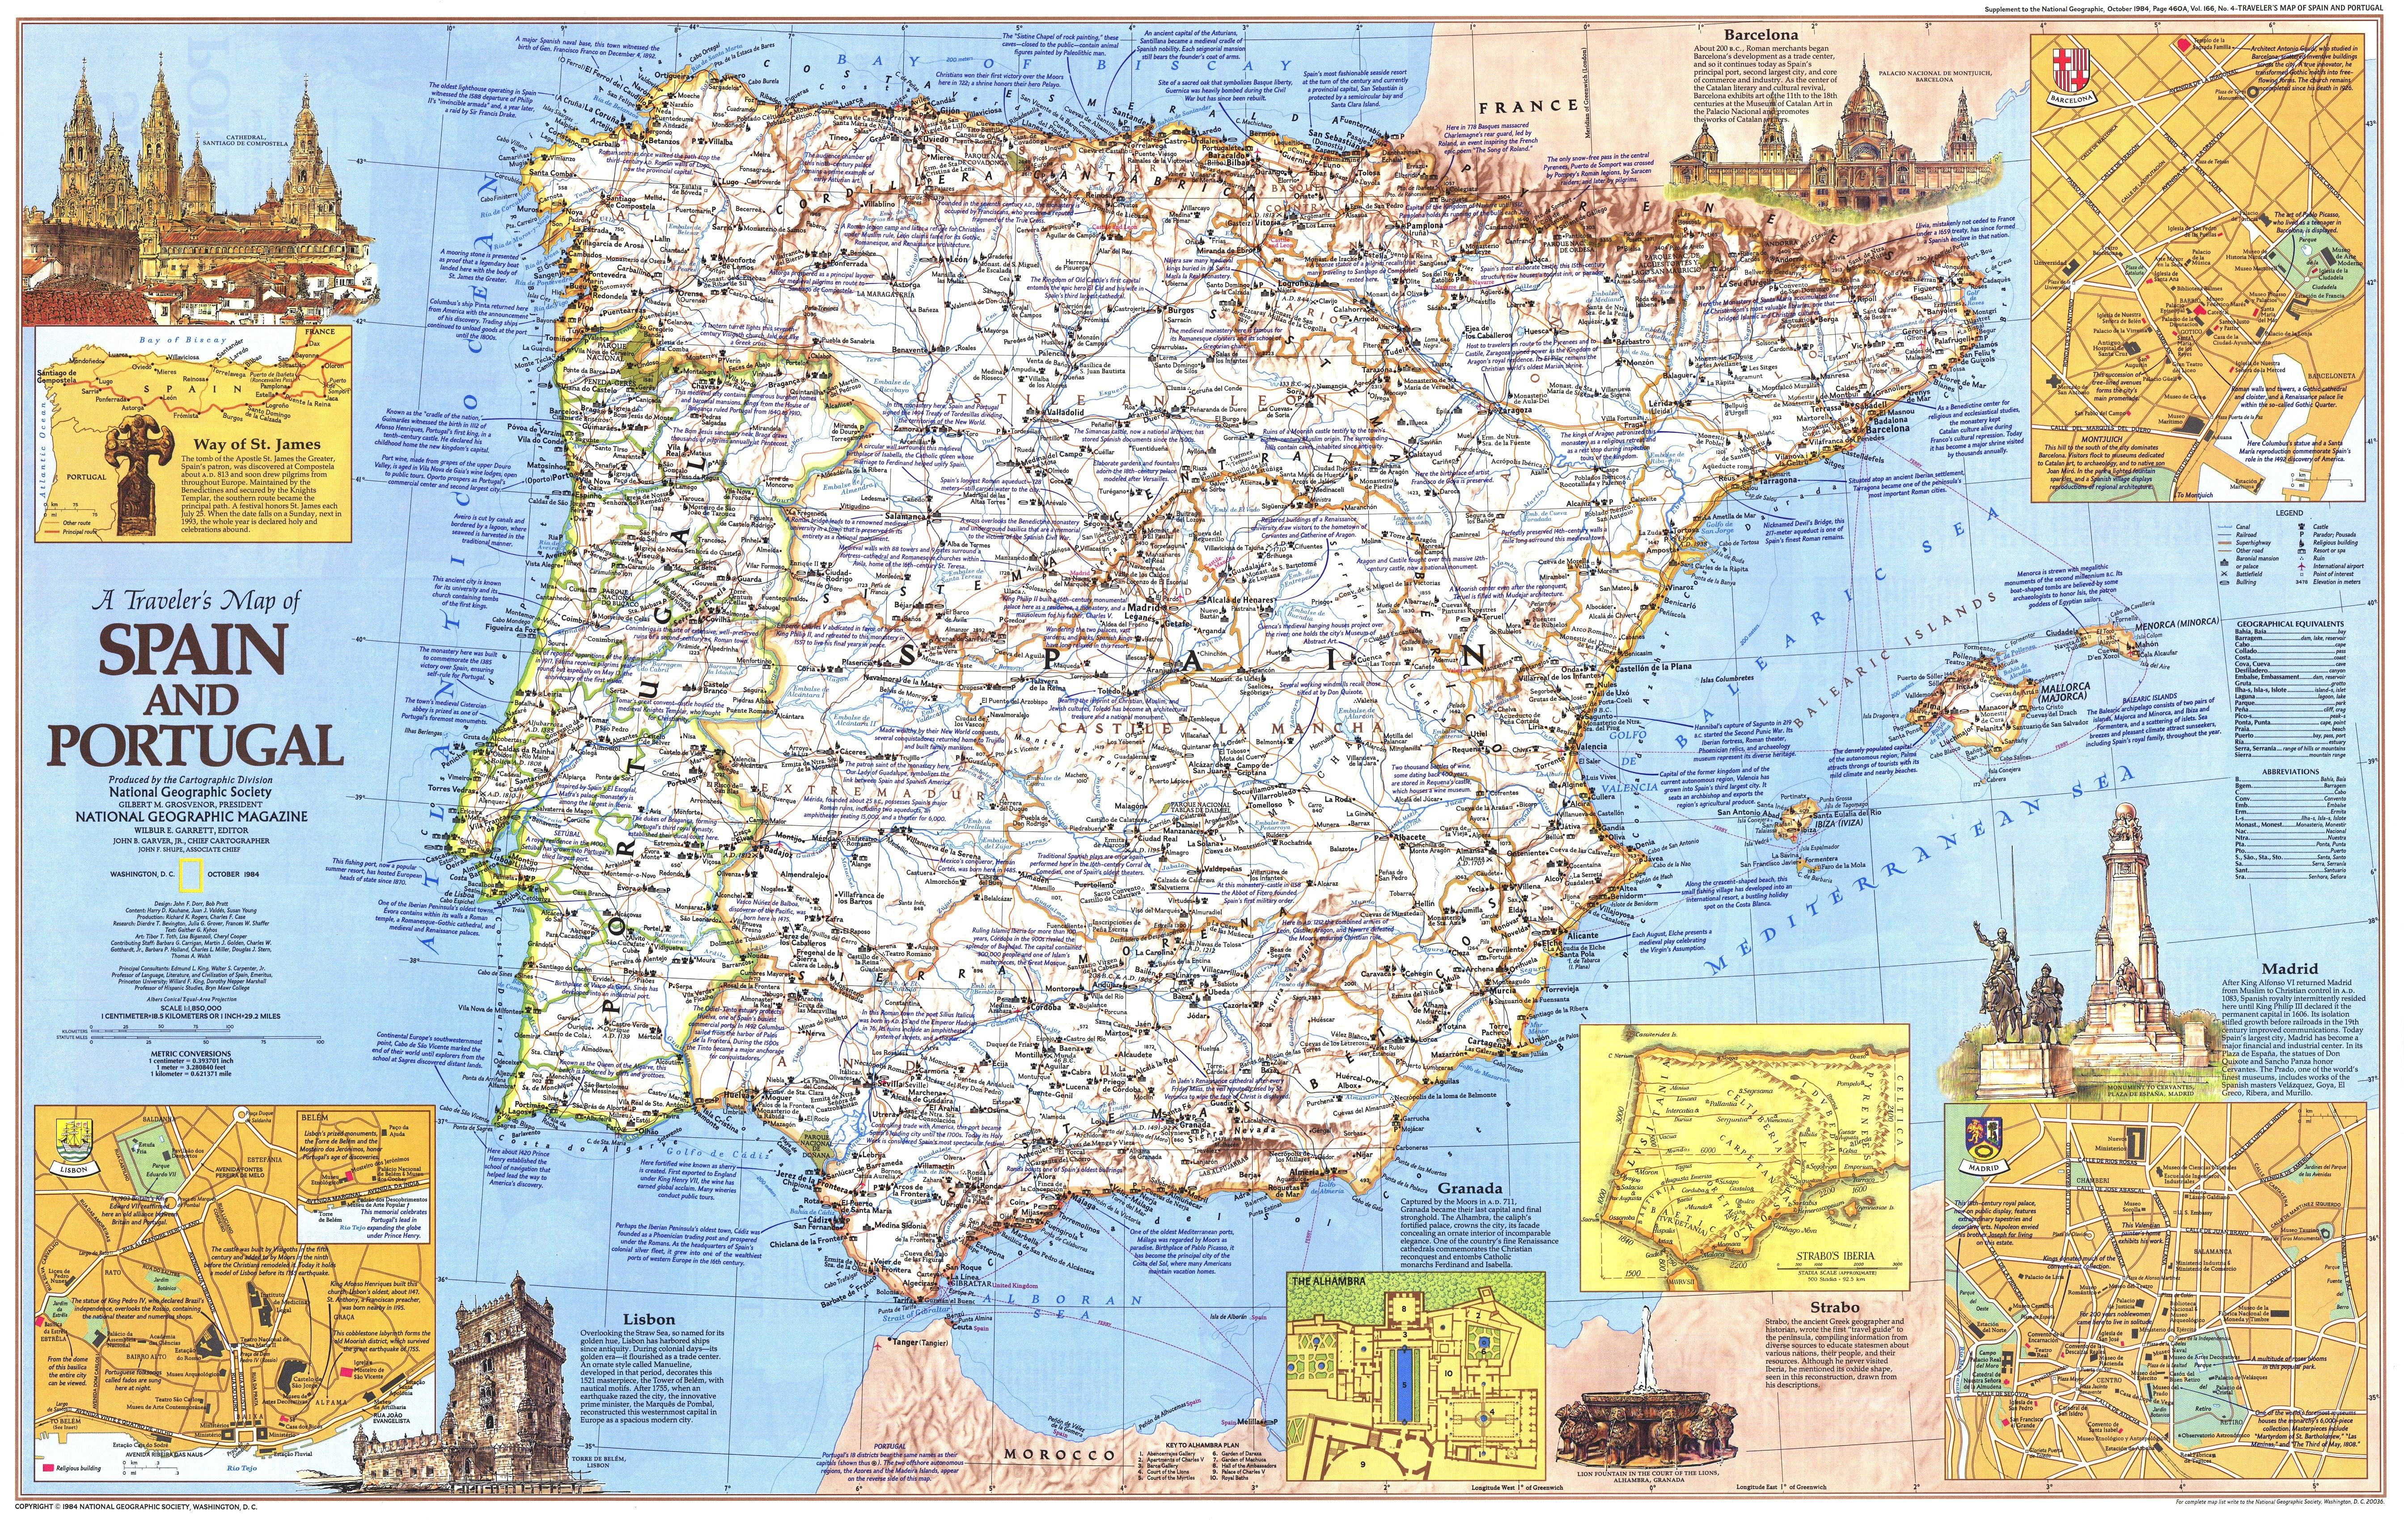 1984 Spanien und Portugal Reisekarte Seite 1 - 91 x 57cm